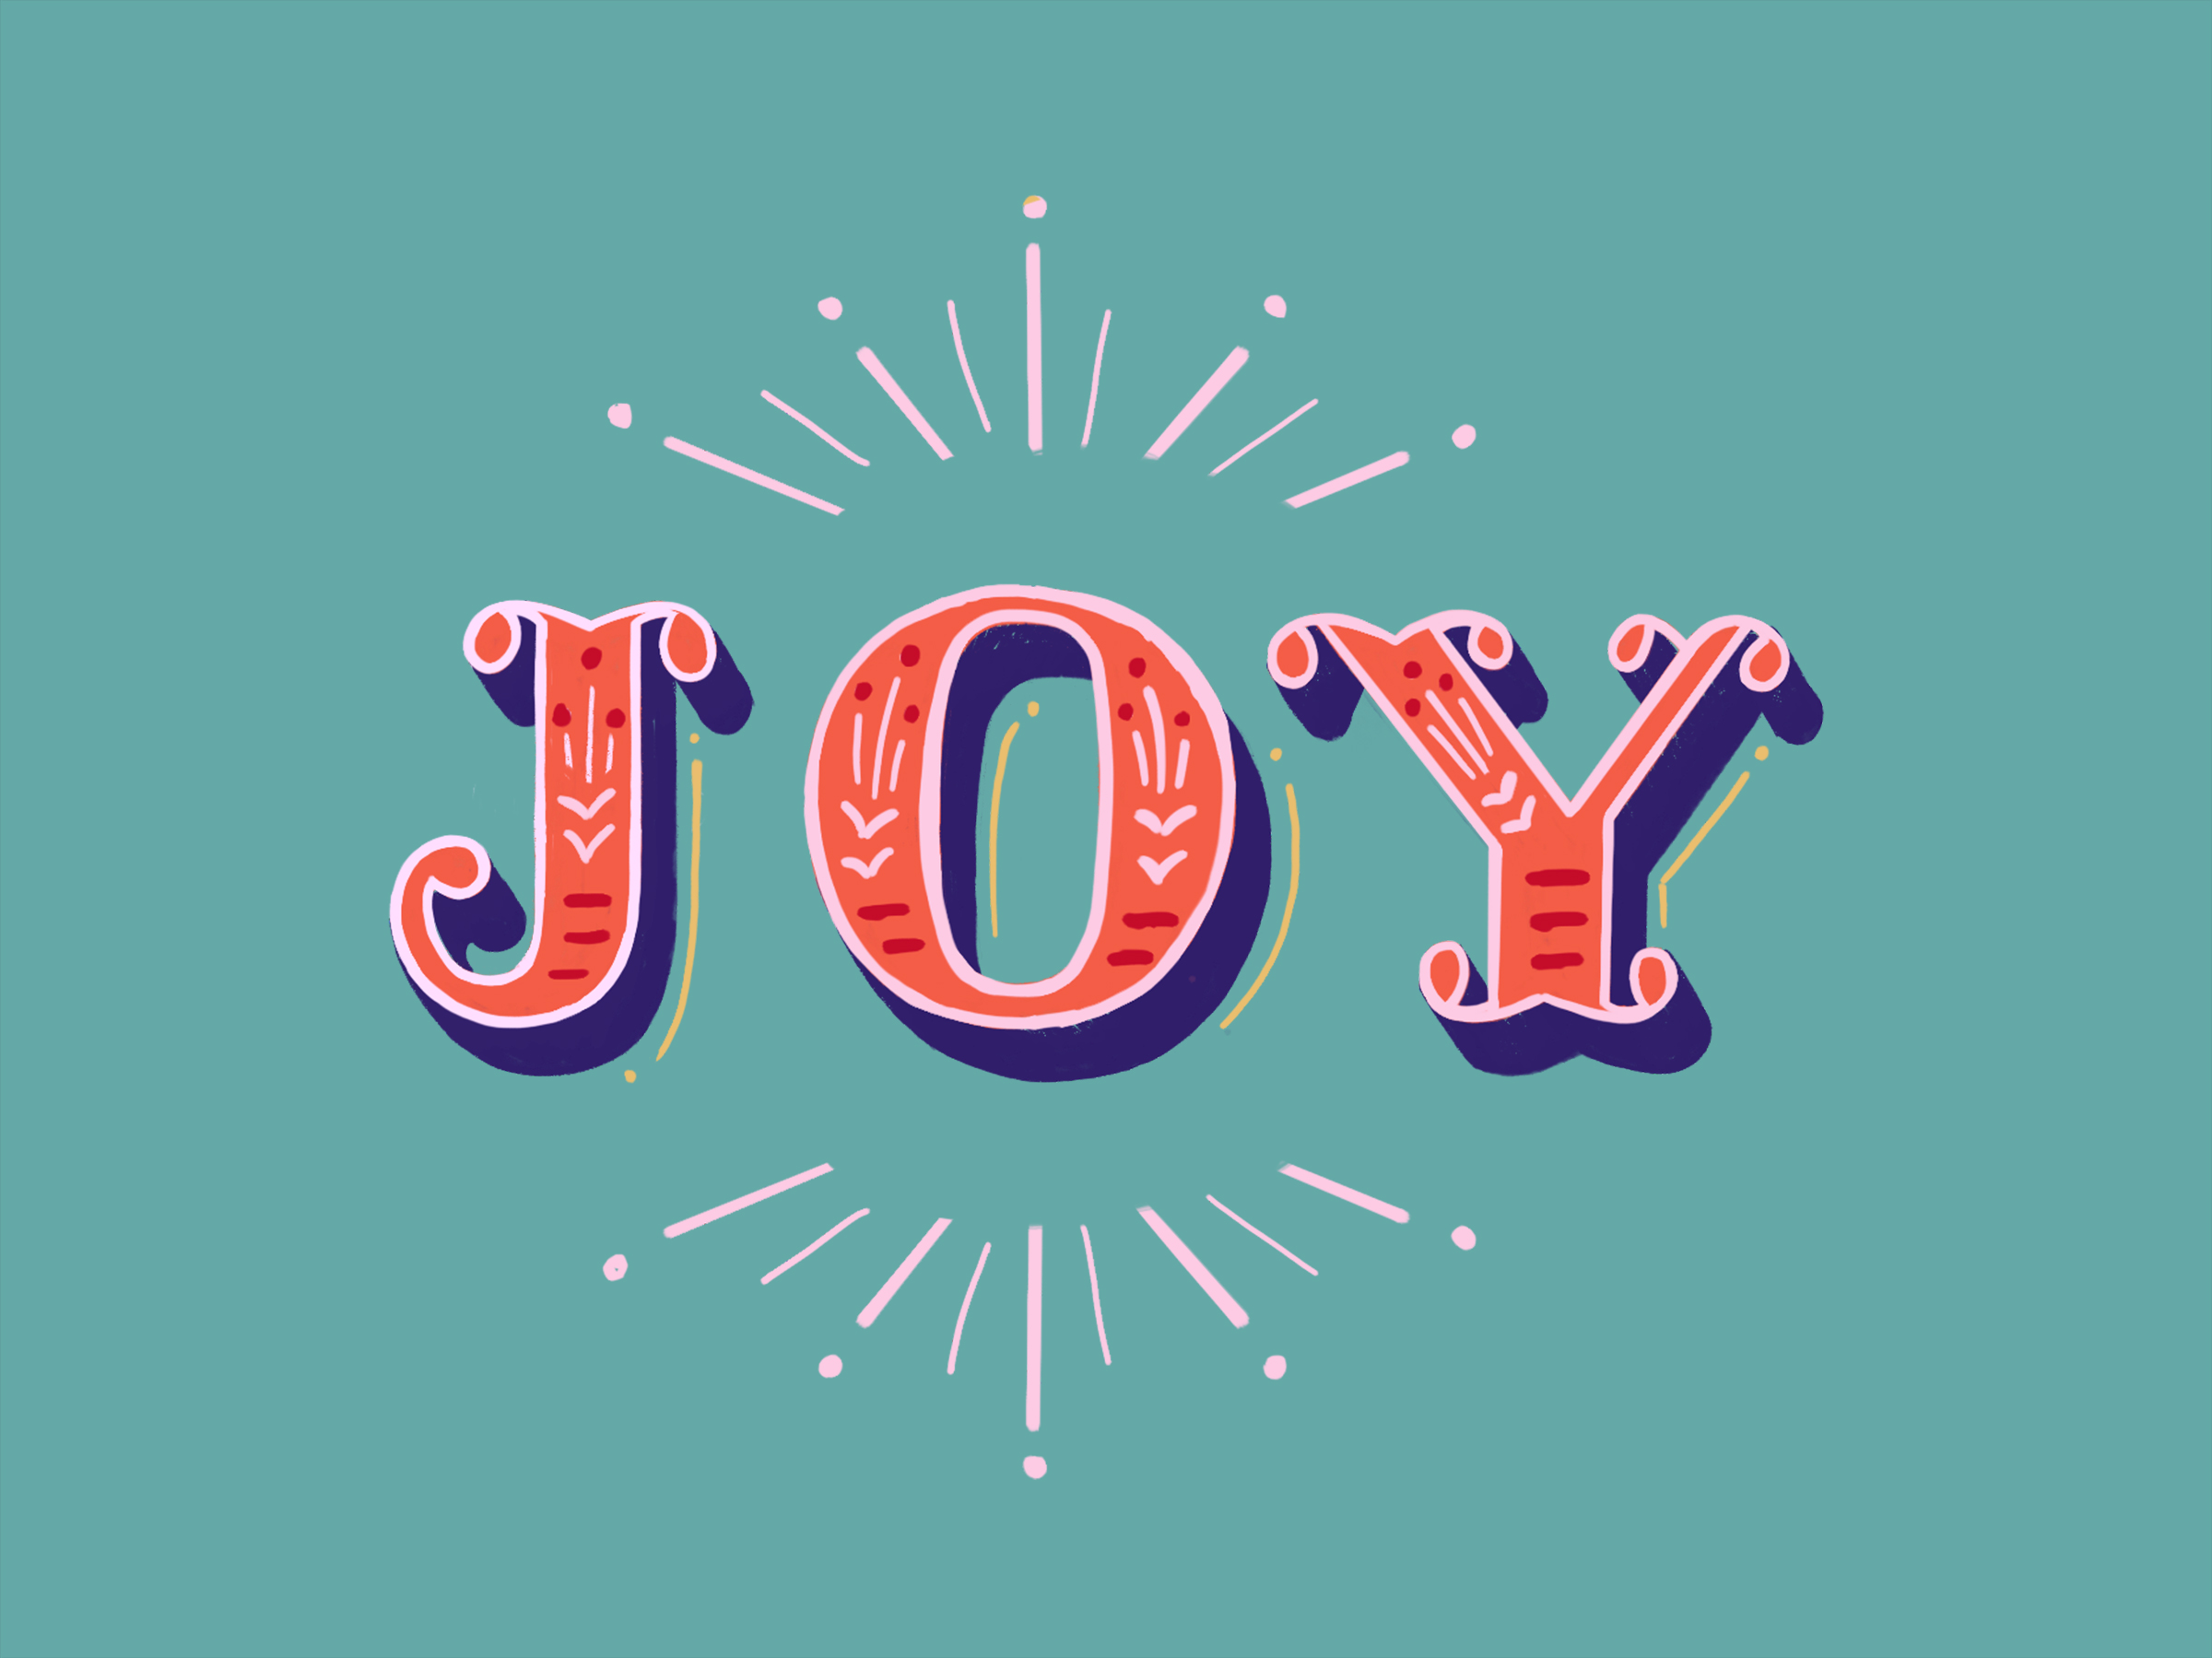 joy-BigDribbb.jpg